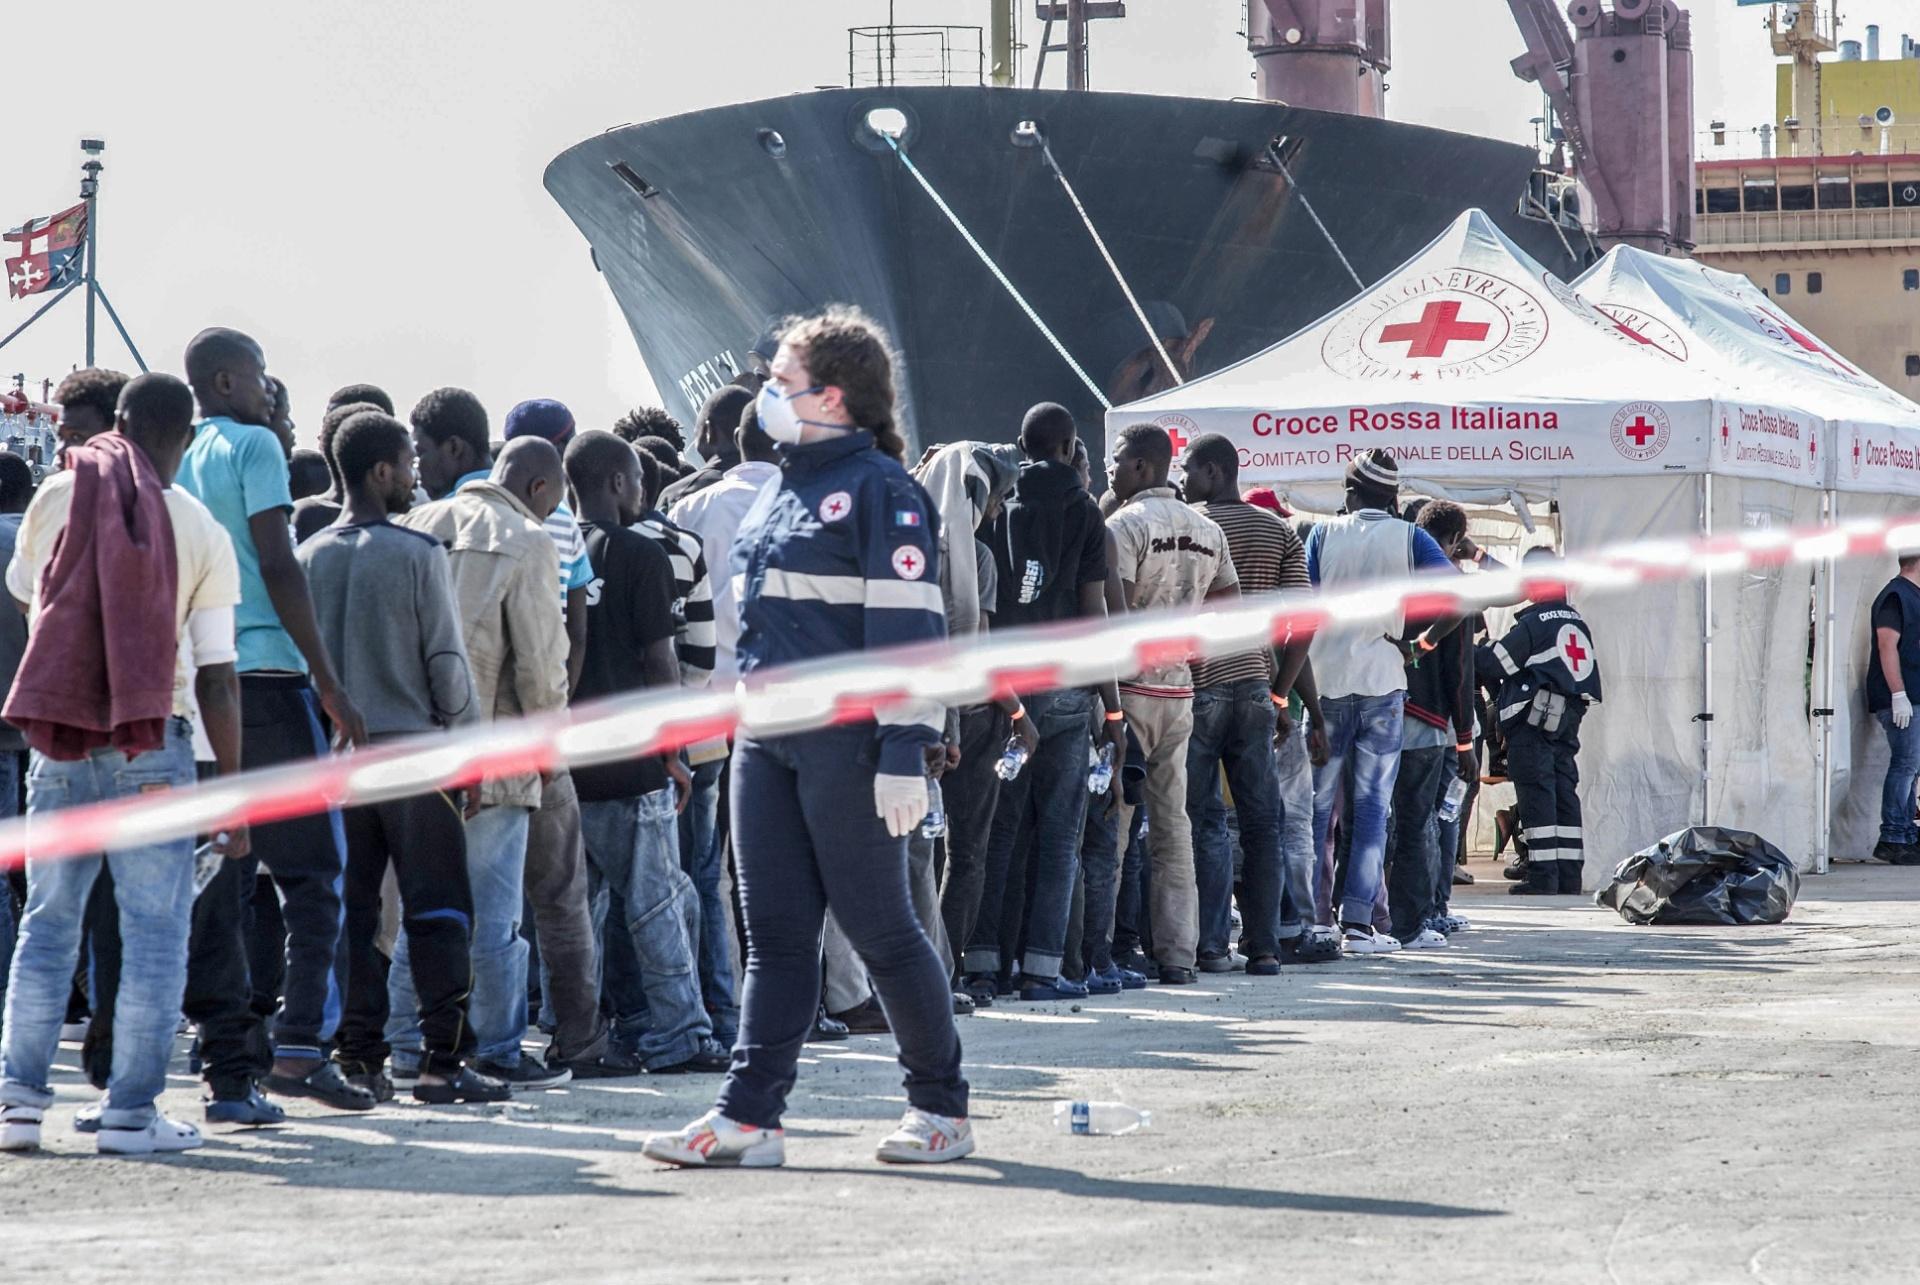 2.out.2015 - Assim que os refugiados chegam em navios no porto de Augusta, na Sicília, Itália, são organizados em filas para receber atendimento imediato da Cruz Vermelha, que pergunta sobre sintomas, dores, febre e até gravidez